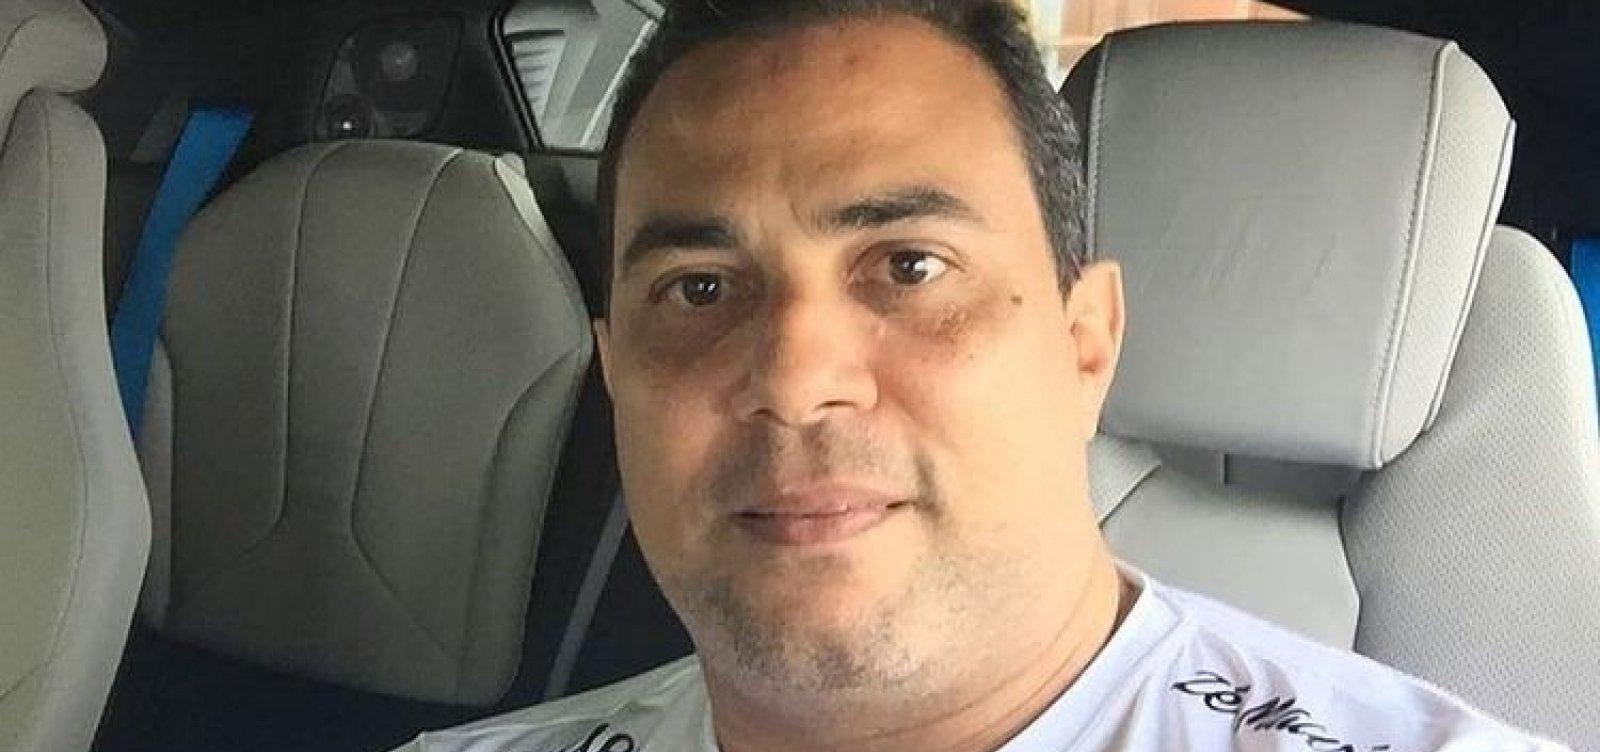 OAB-BA aguarda vistoria para se posicionar sobre prisão de advogado em sala do Bope